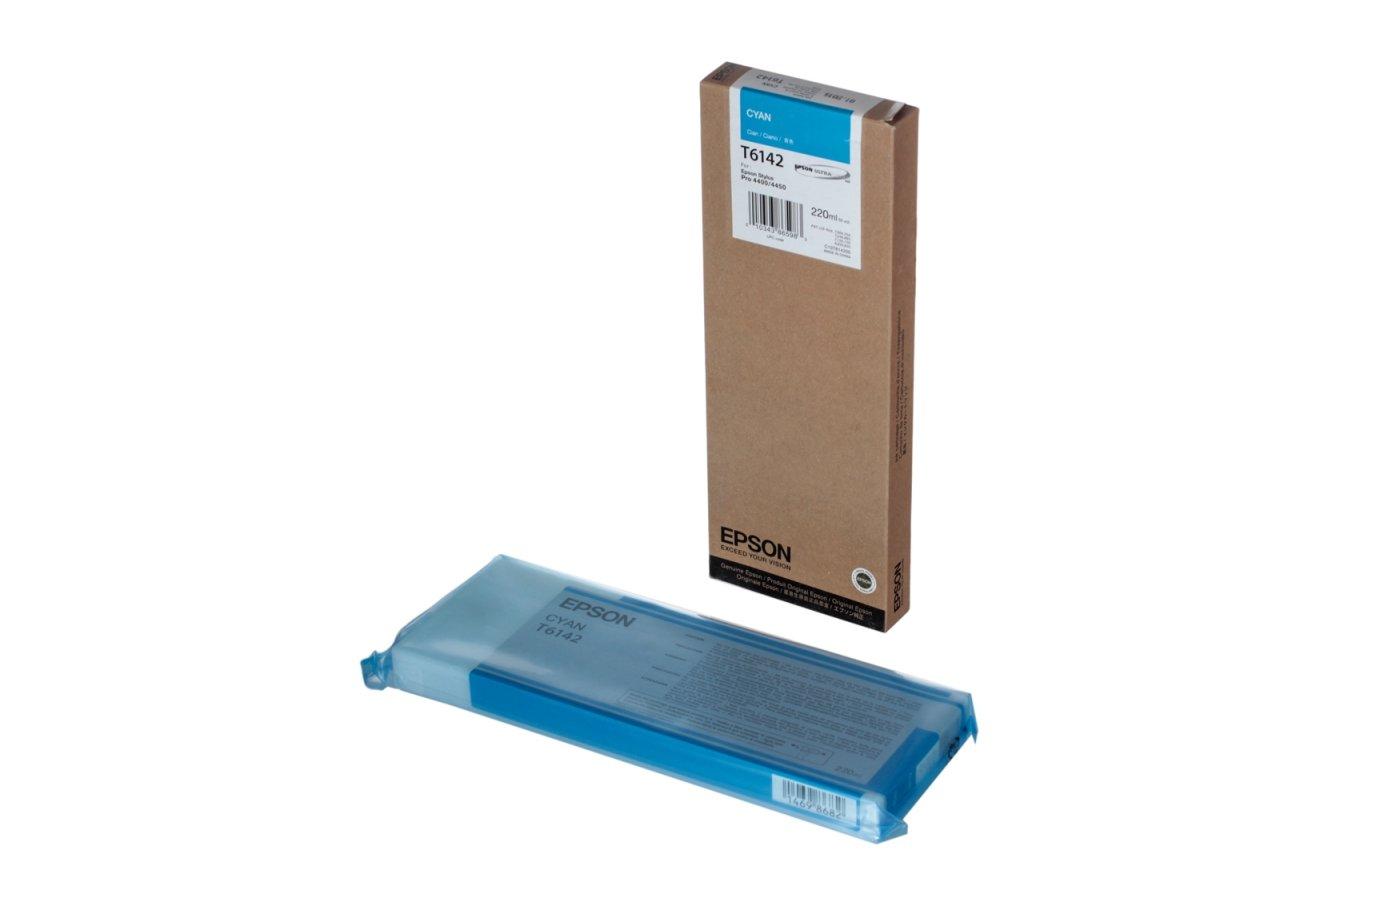 Картридж струйный Epson C13T614200 matt cyan для SP4450 (220ml)